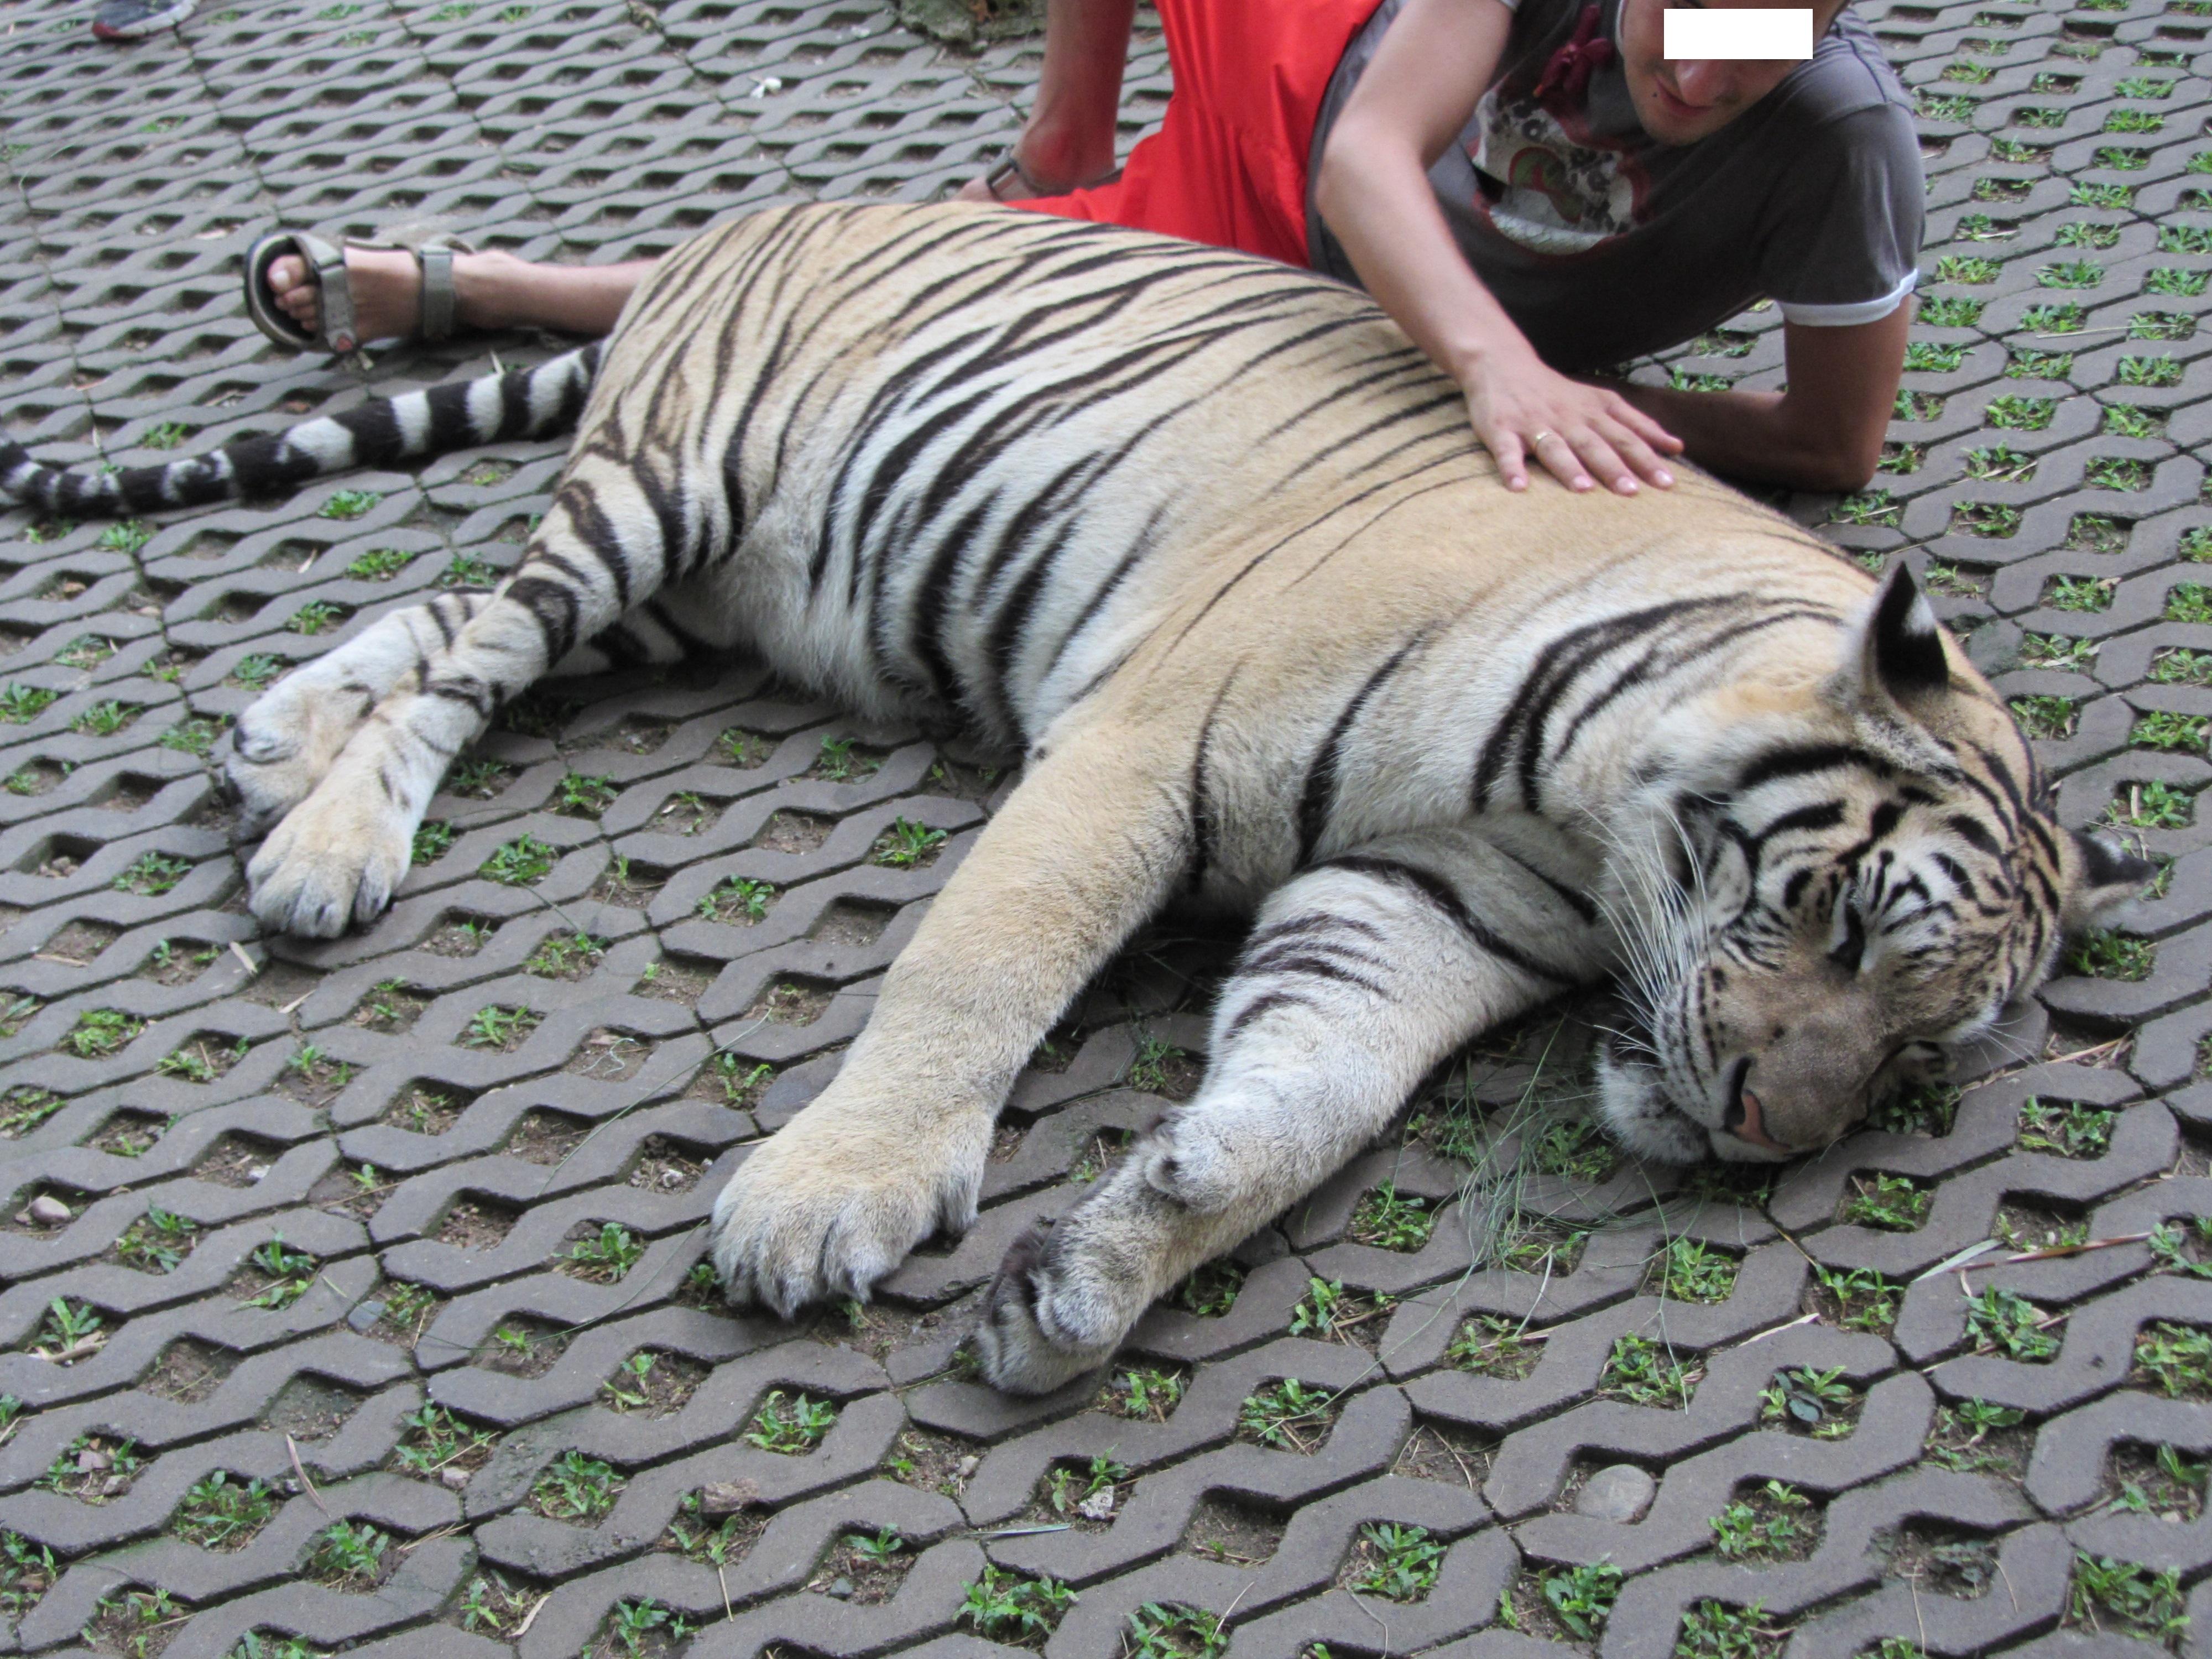 Interacción con tigres. Por FAADA